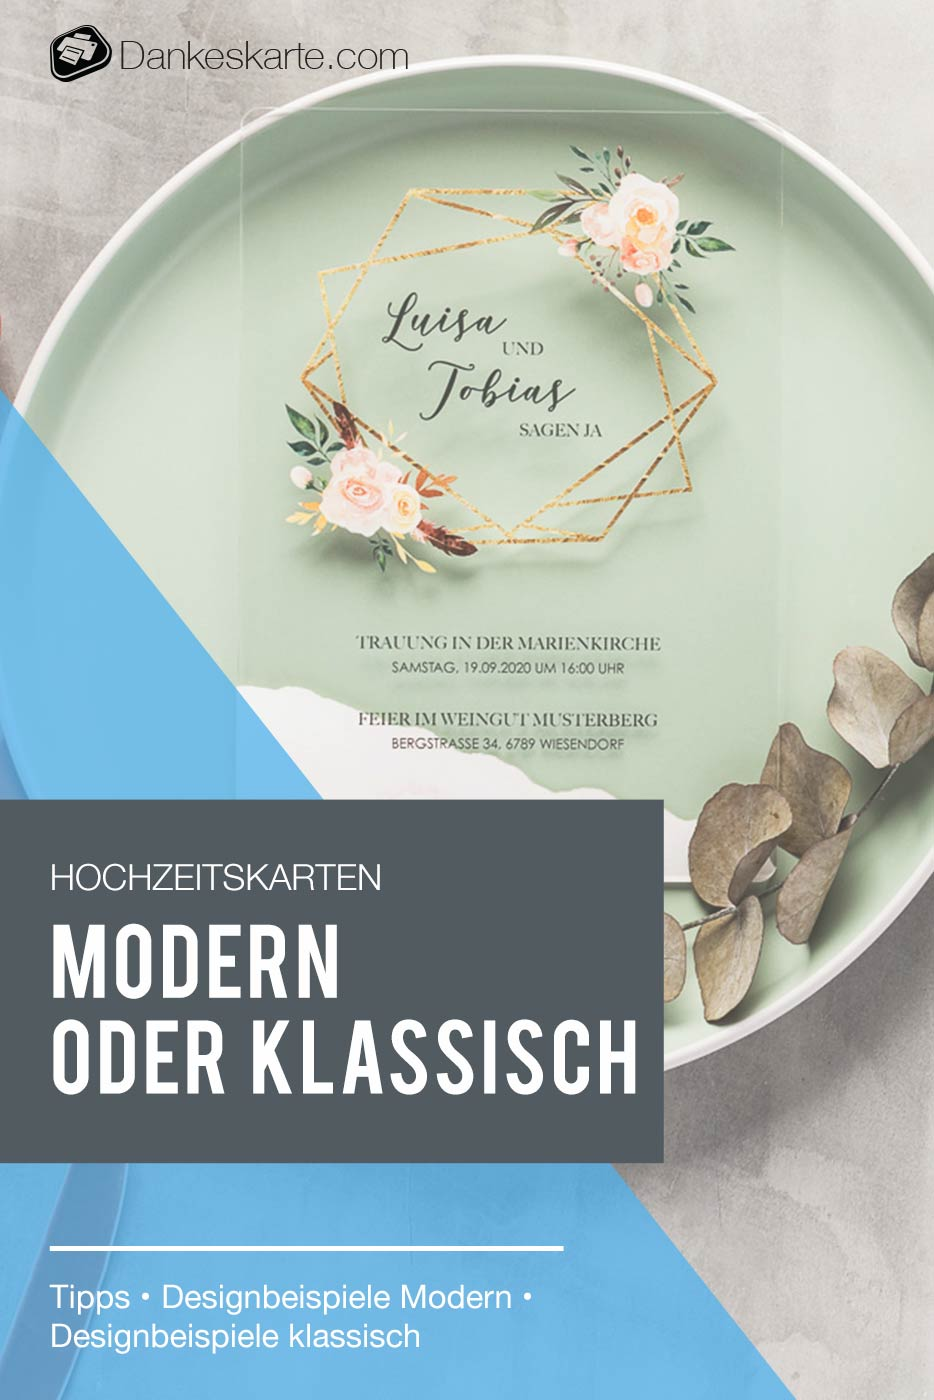 Hochzeitskarten: Modern oder klassisch? - Dankeskarte.com